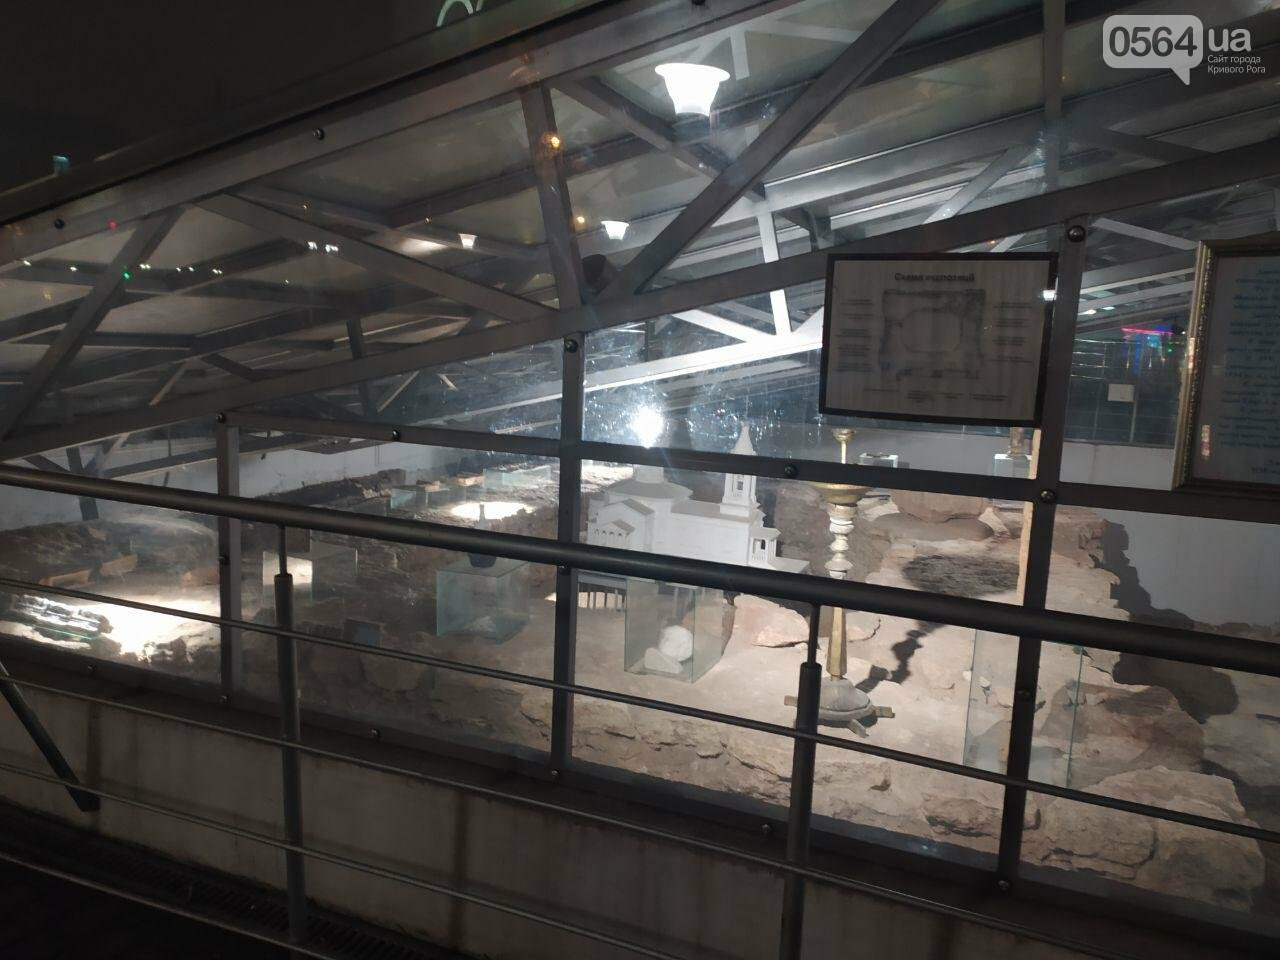 Информация о краже из музейной экспозиции в Кривом Роге в полицию не поступала. Правоохранители начали проверку, - ФОТО, фото-4